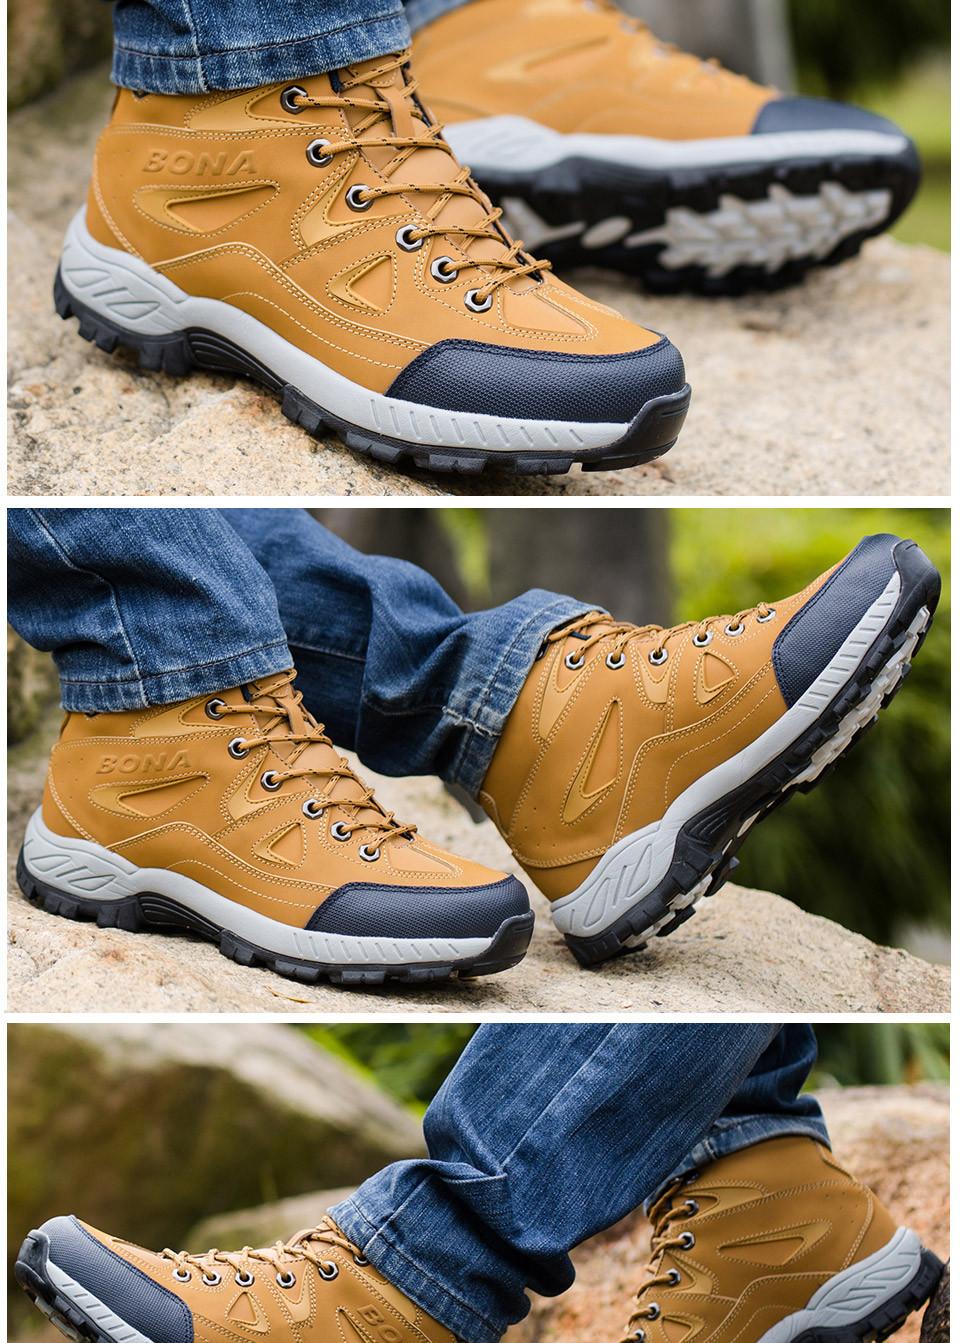 BONA Men Hiking Shoes Anti-Slip 12